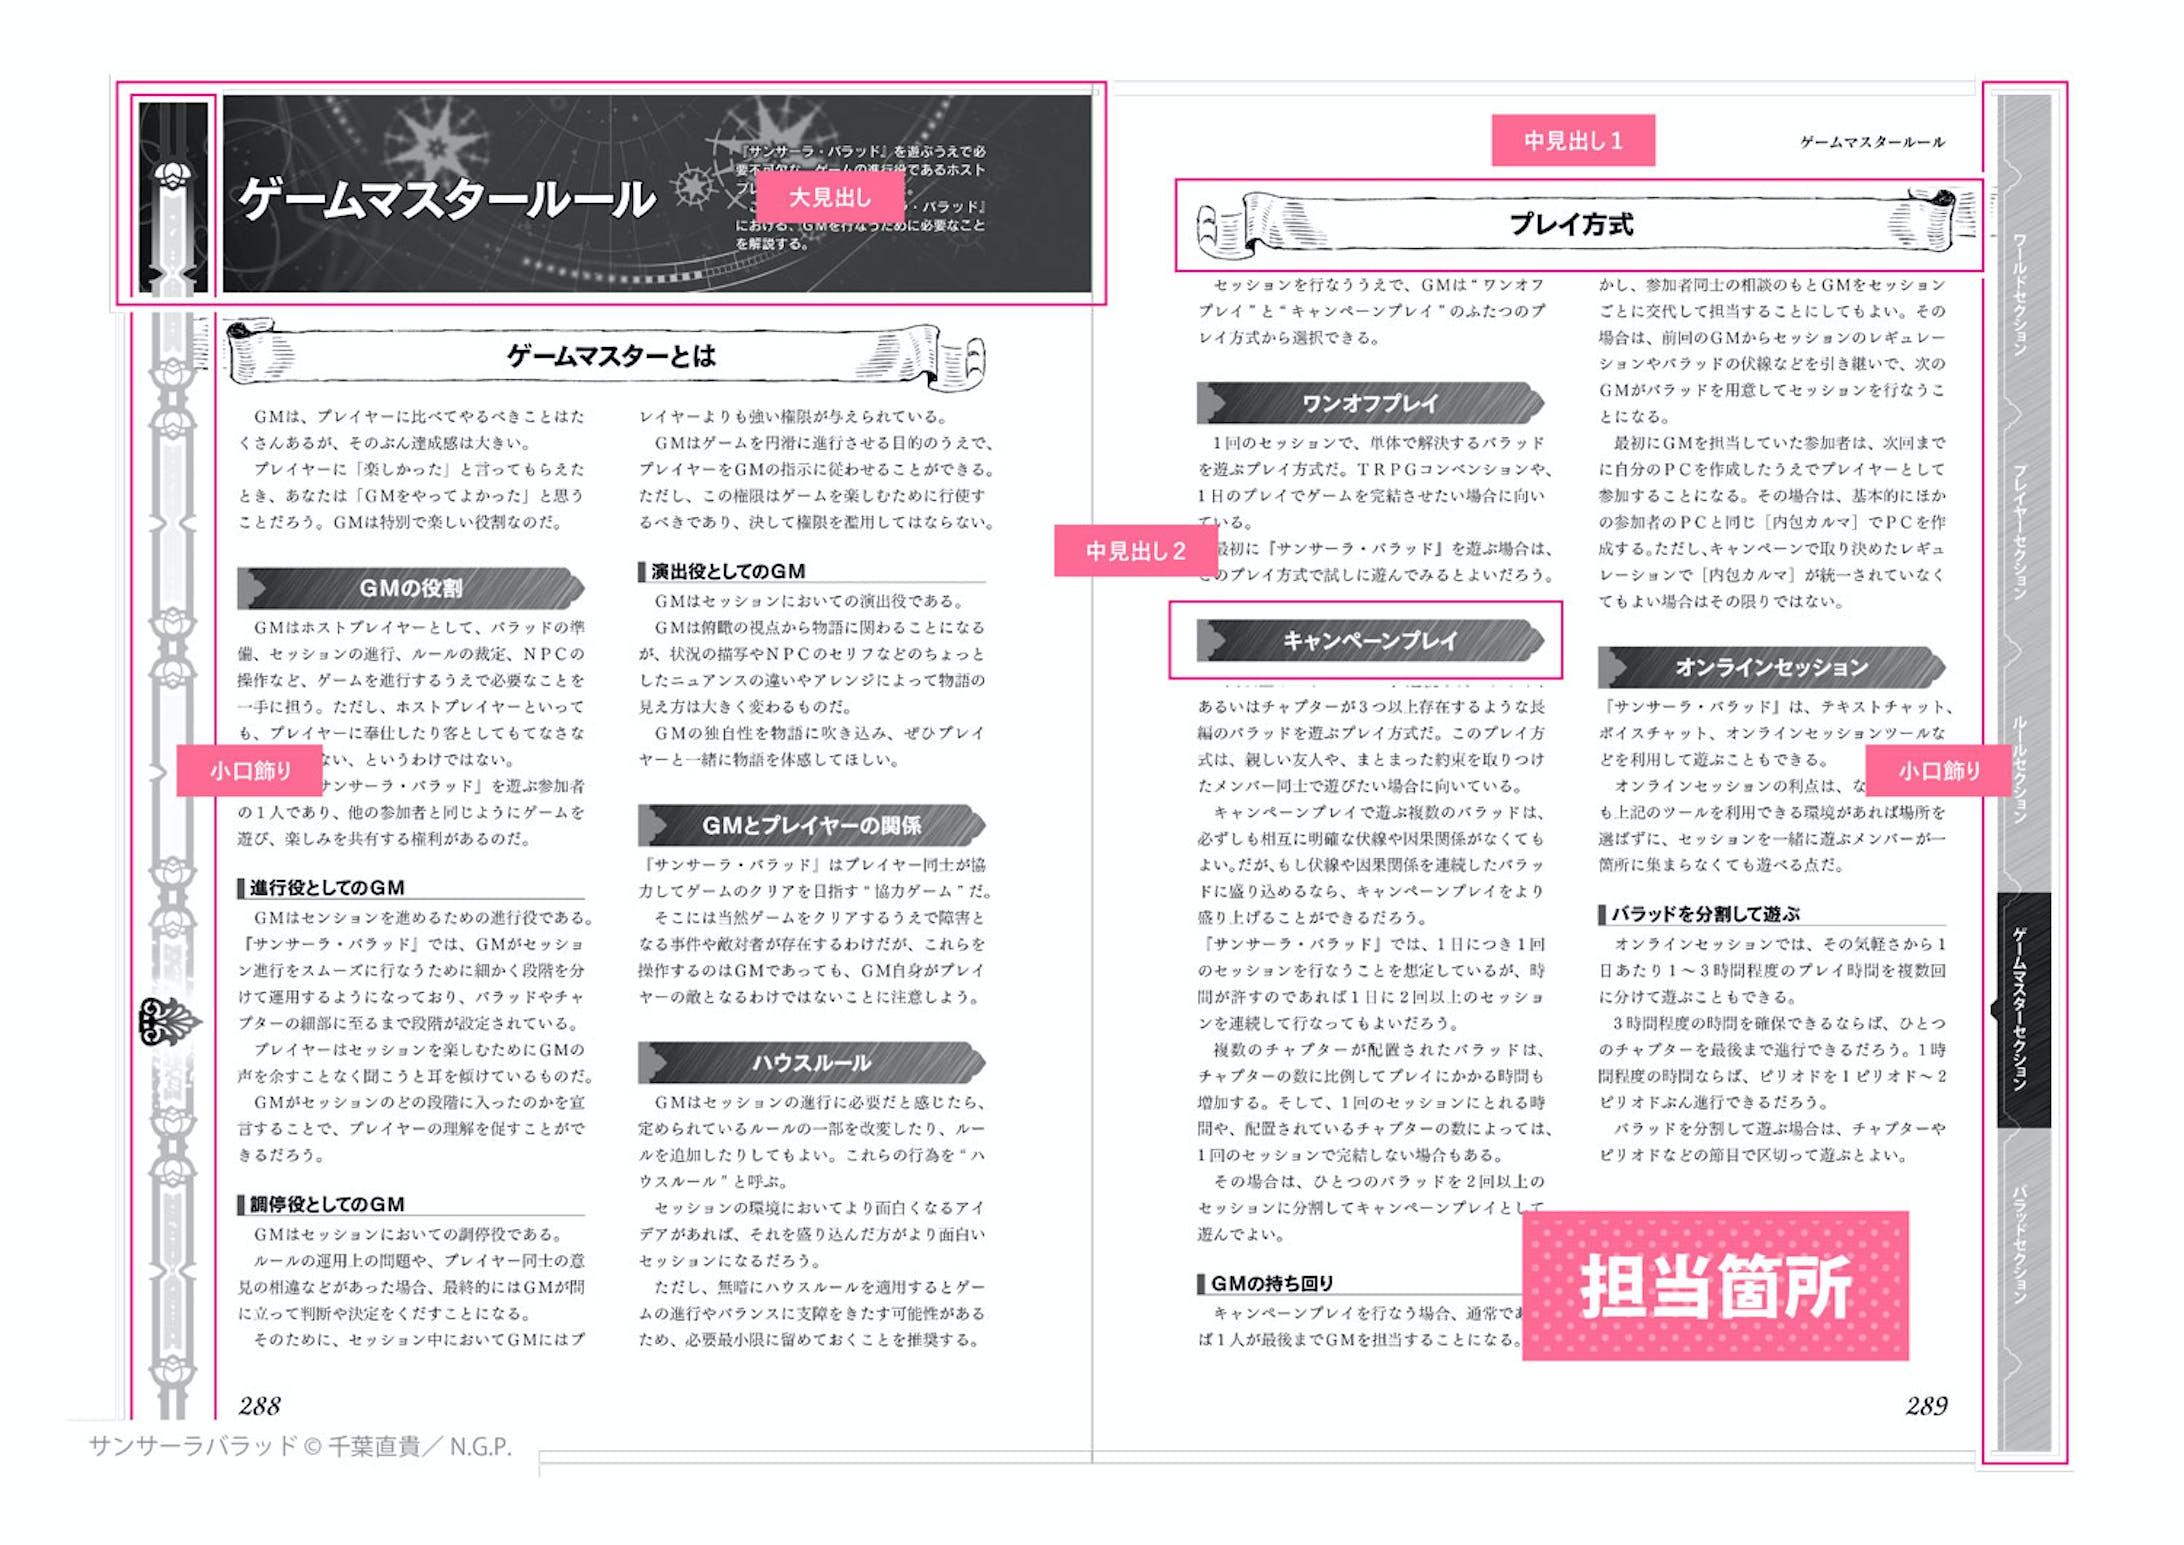 異世界転生RPG サンサーラ・バラッド - 誌面デザイン-2